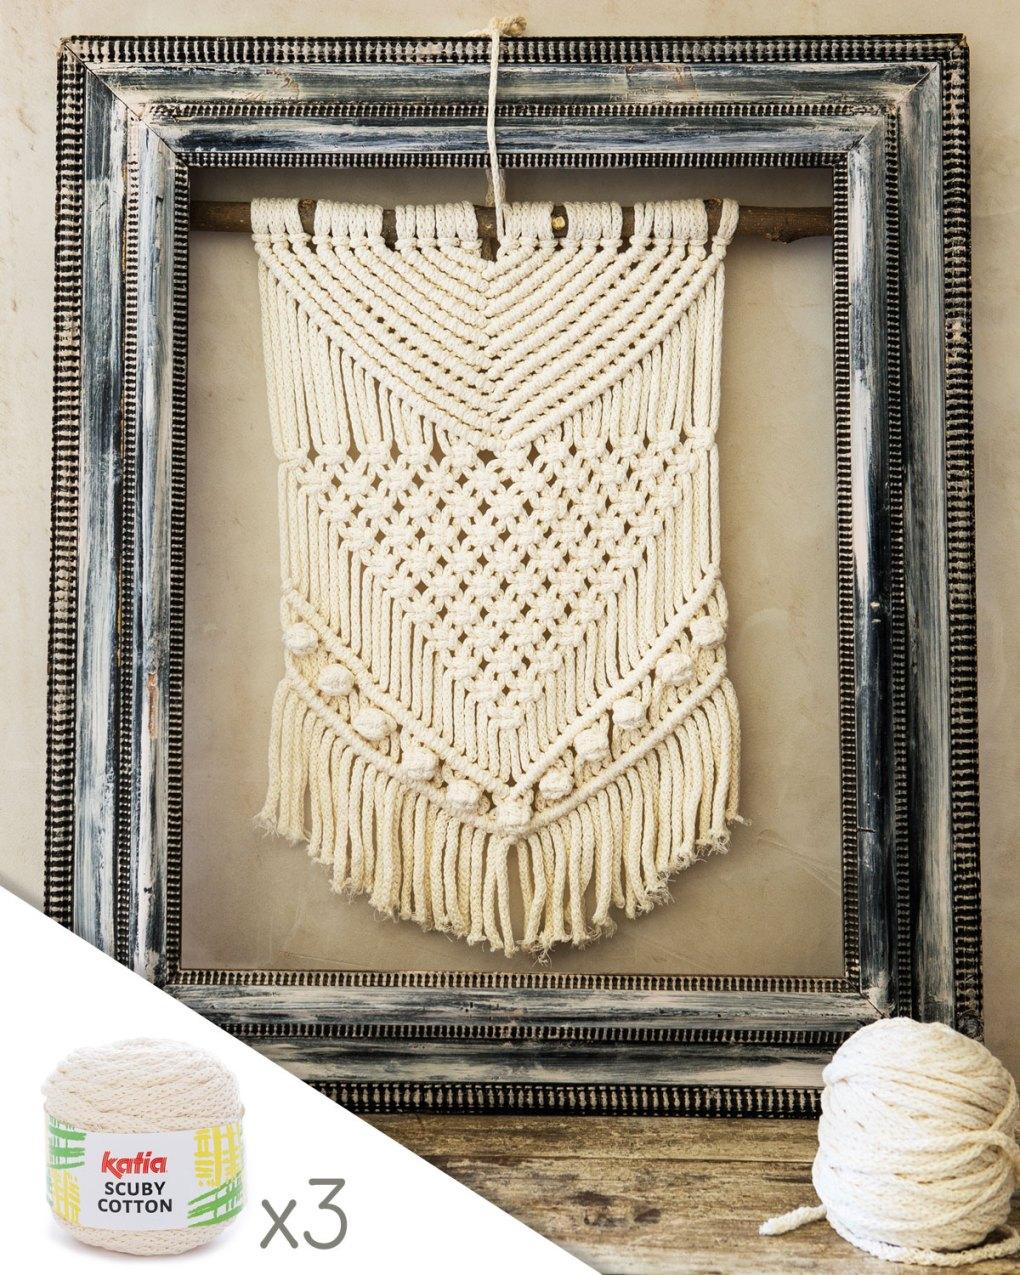 catalogue-habitat-3-décoration-maison tapiz